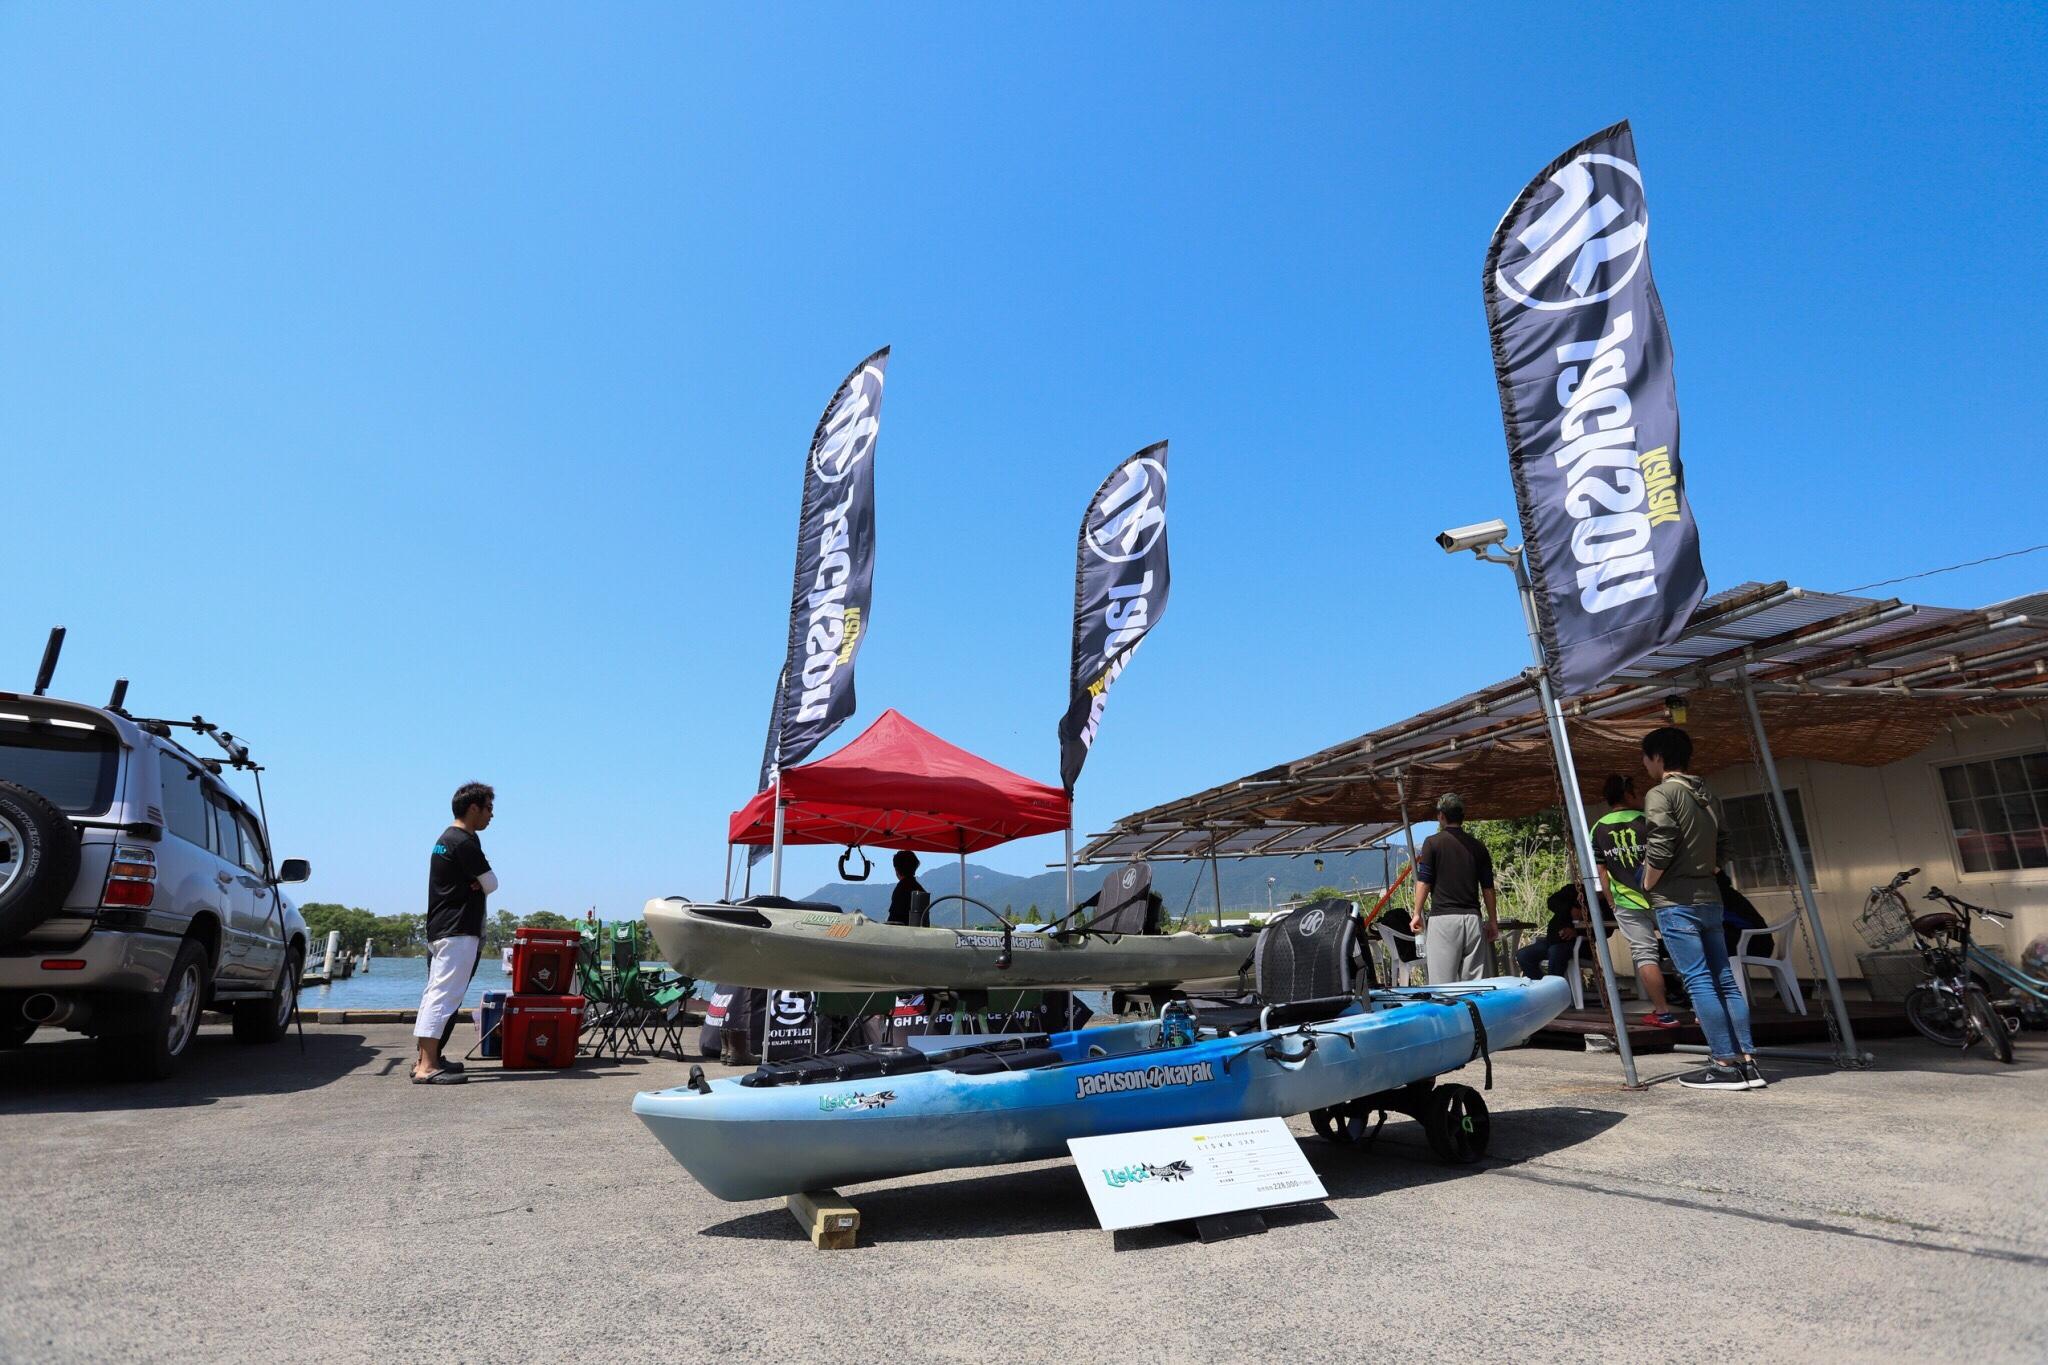 5月27日は 利根川にて試乗会を行います。